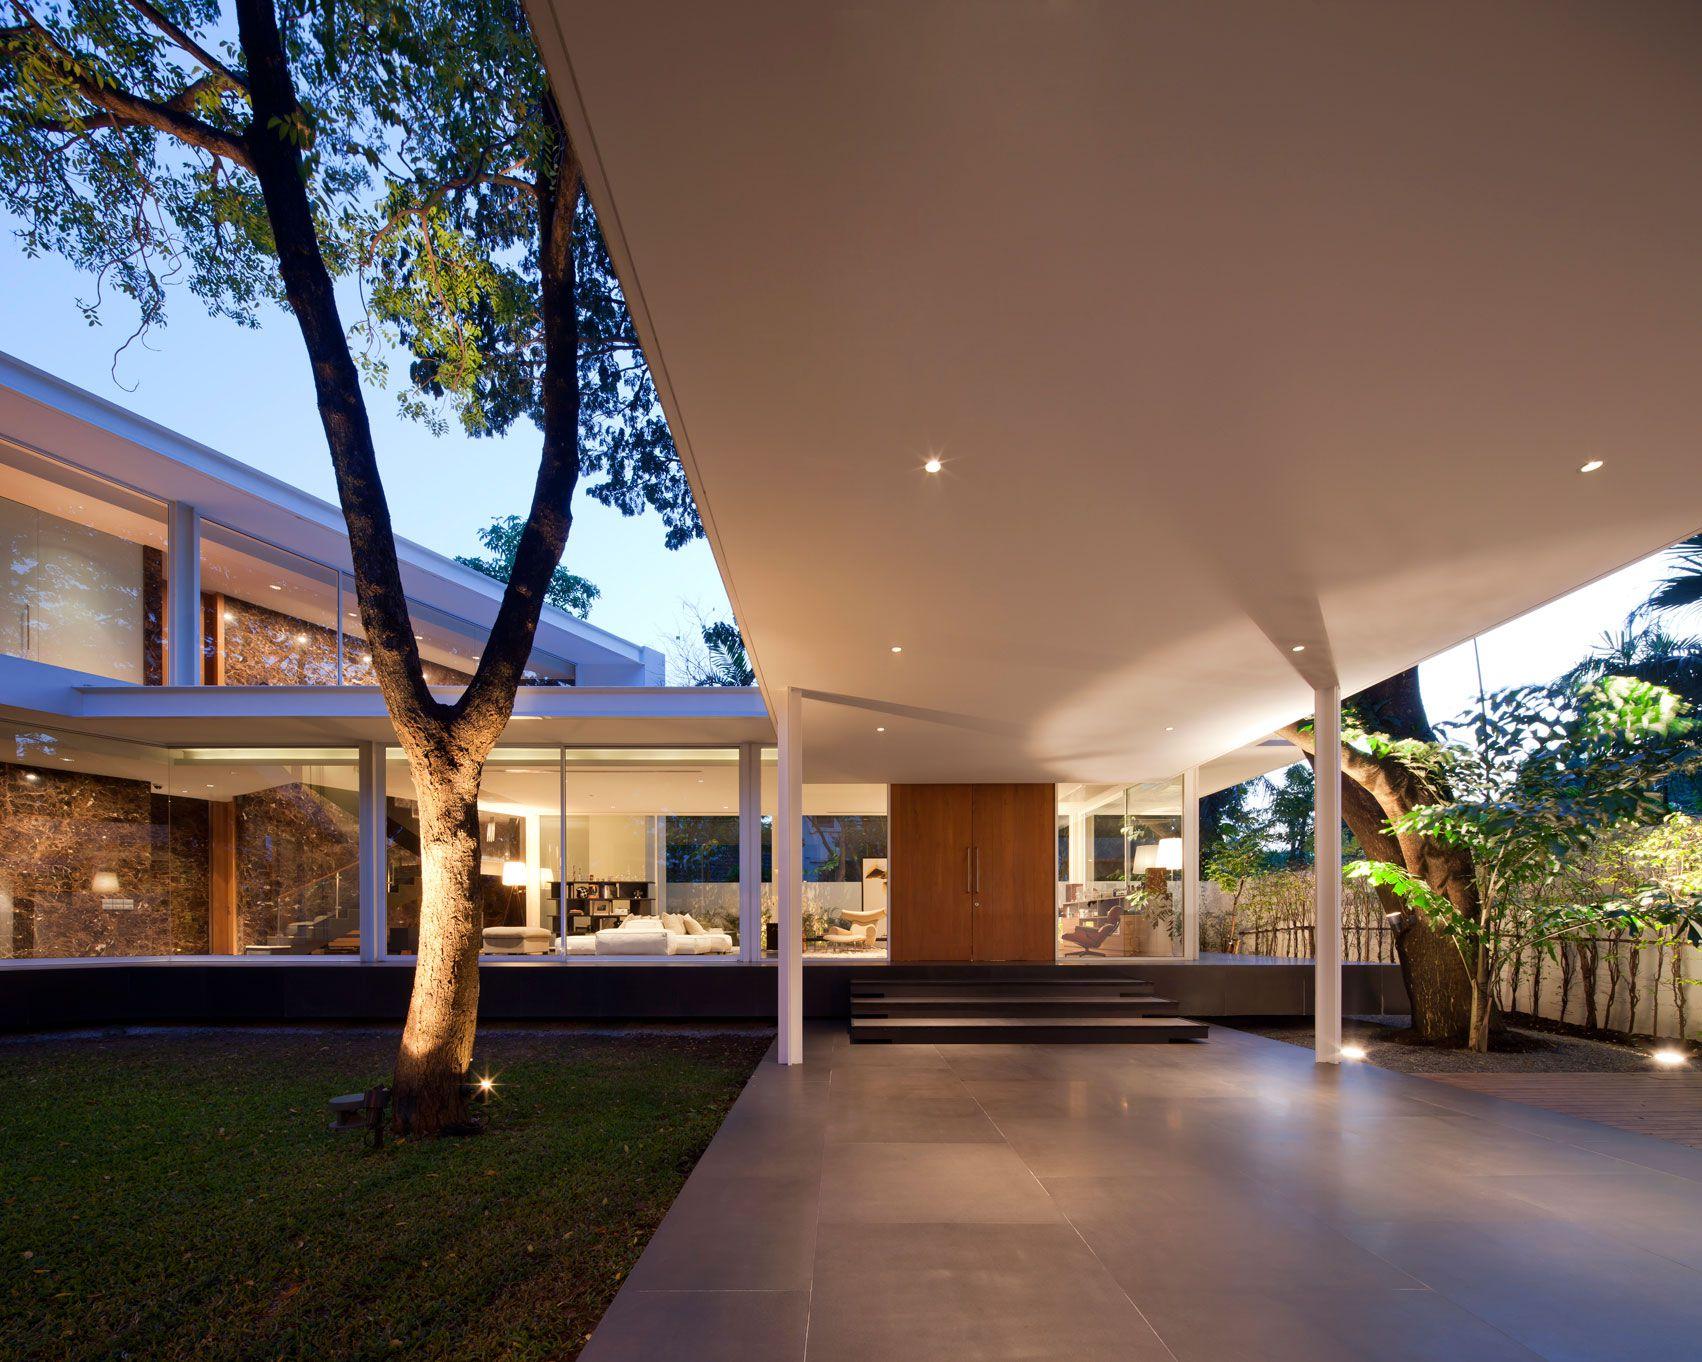 Residence-Panya-Pattanakarn-37-22